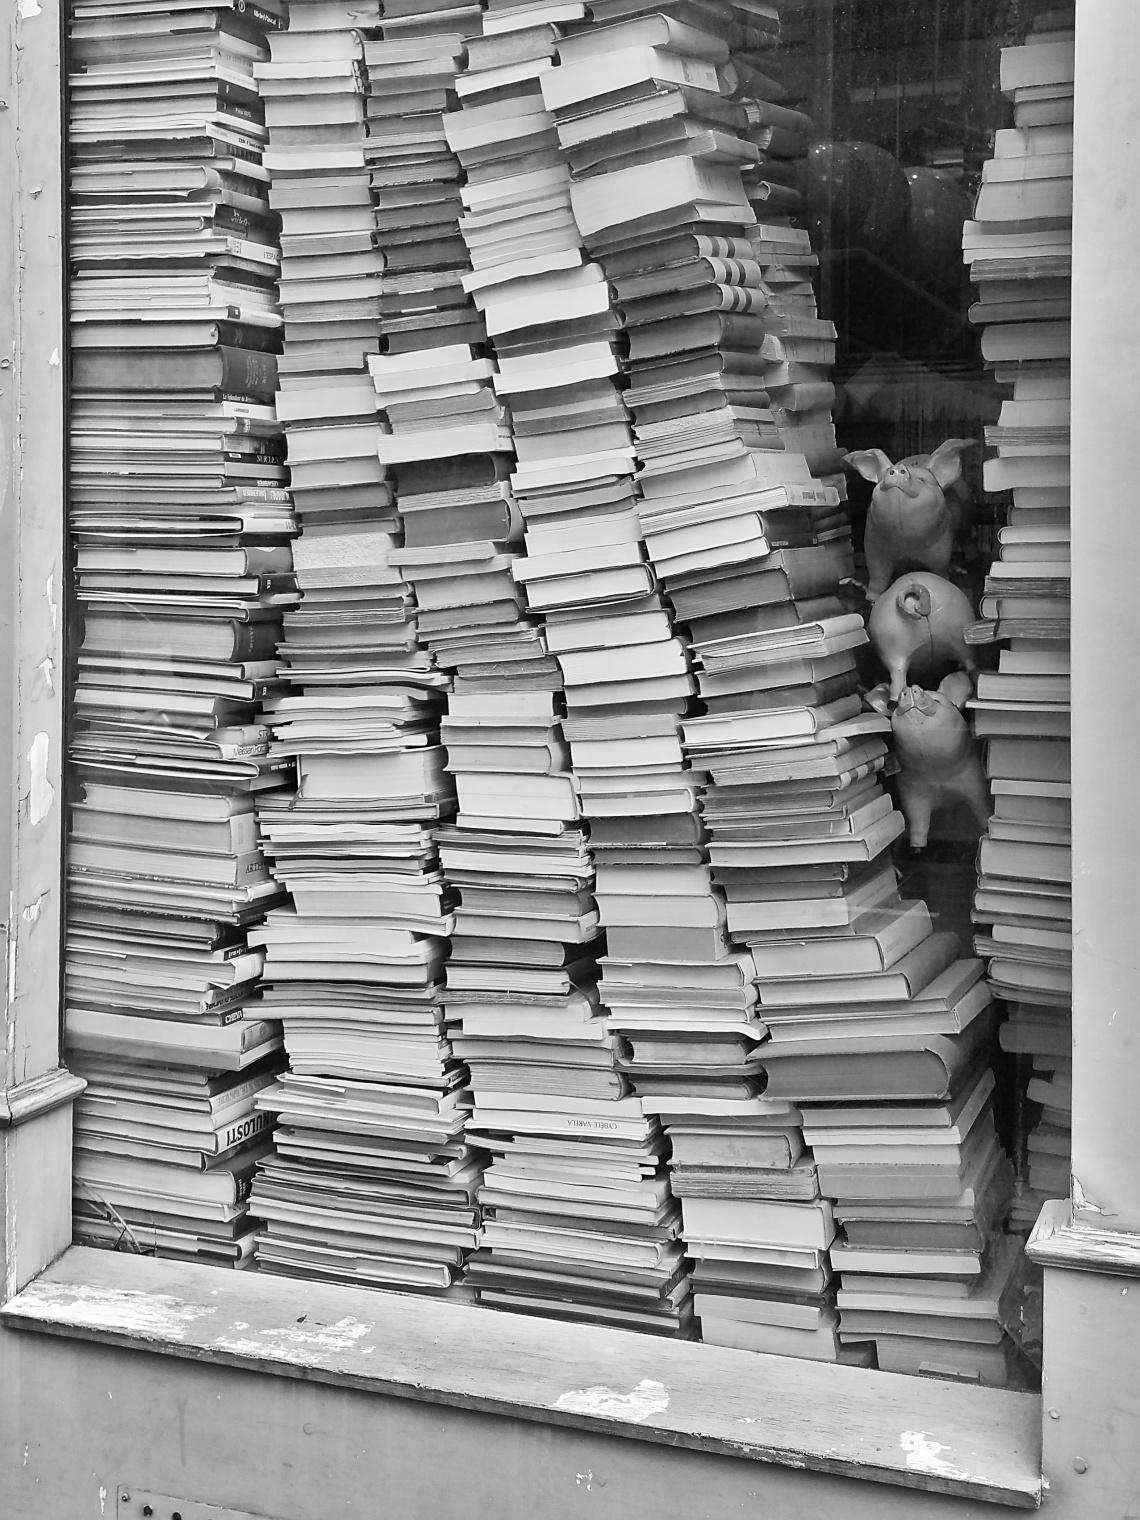 Books - Librairie Rue Vivienne Paris.jpg